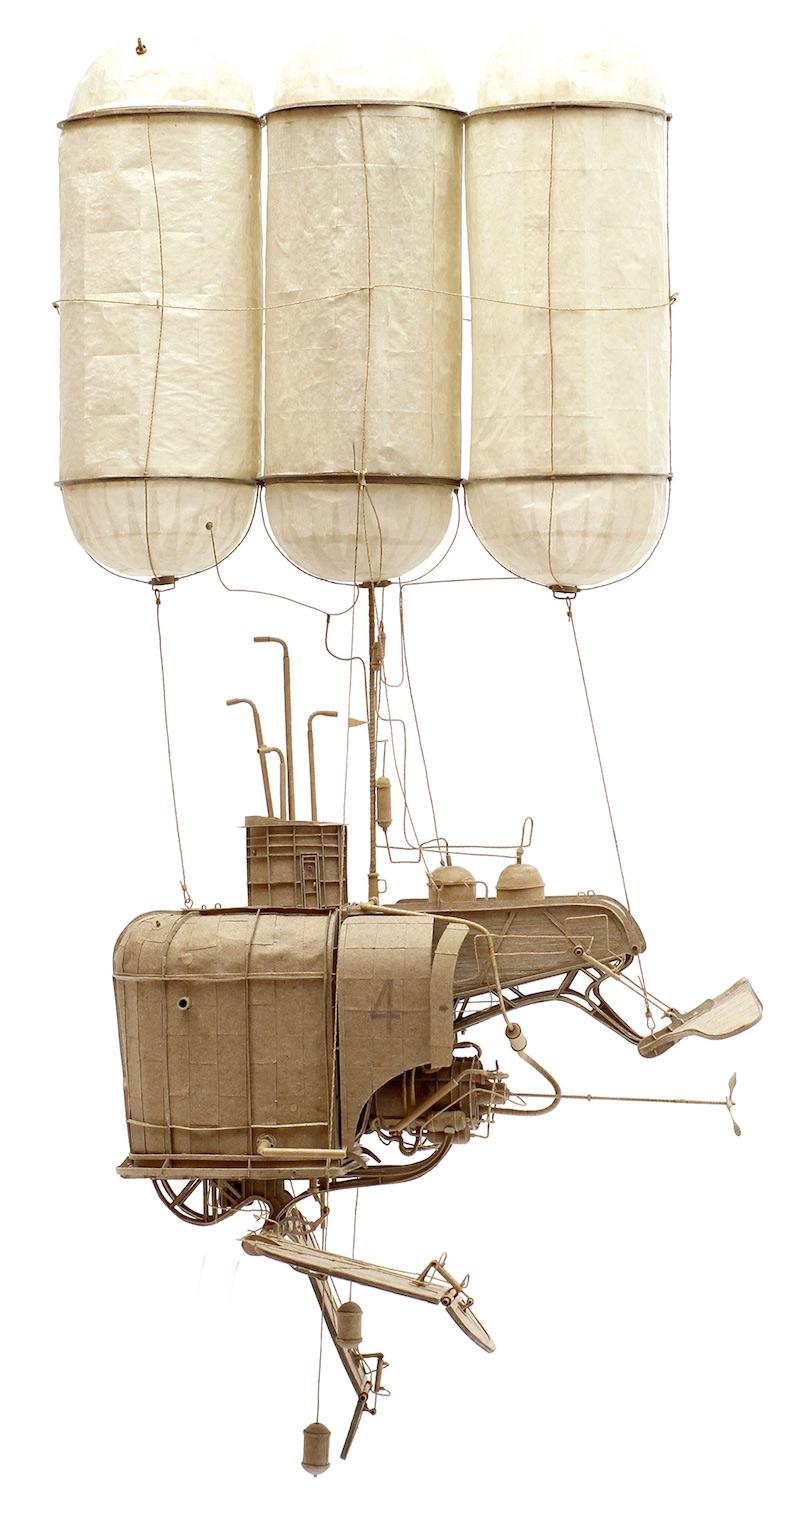 sculpture en carton de Daniel Agdag